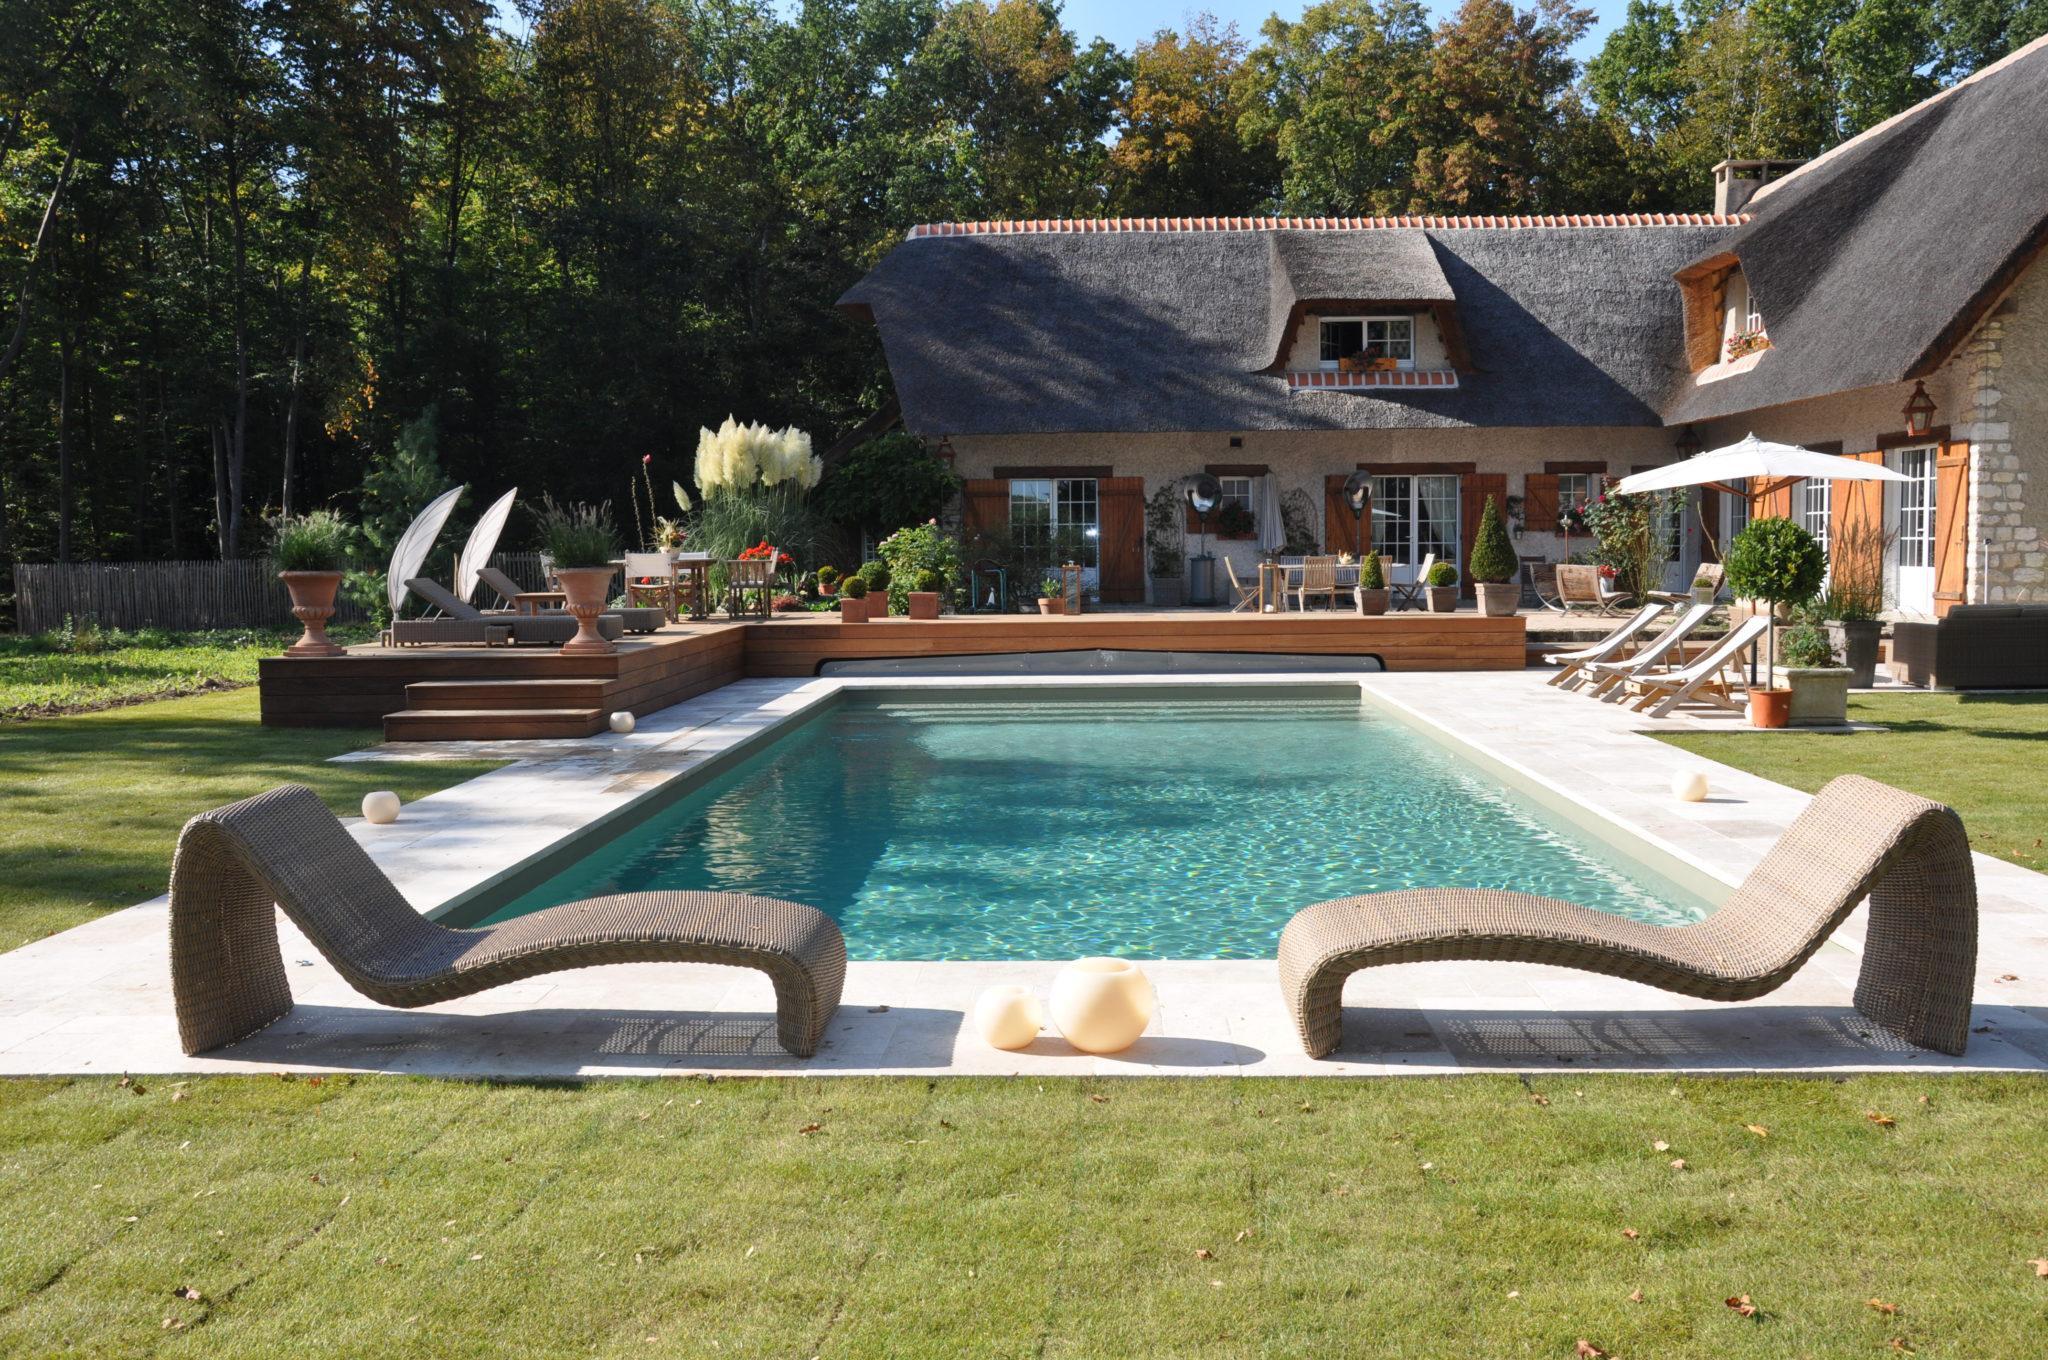 charlet piscine domaine des sources anzre cvs et domotic en cour u domaine charlet les biolirs. Black Bedroom Furniture Sets. Home Design Ideas